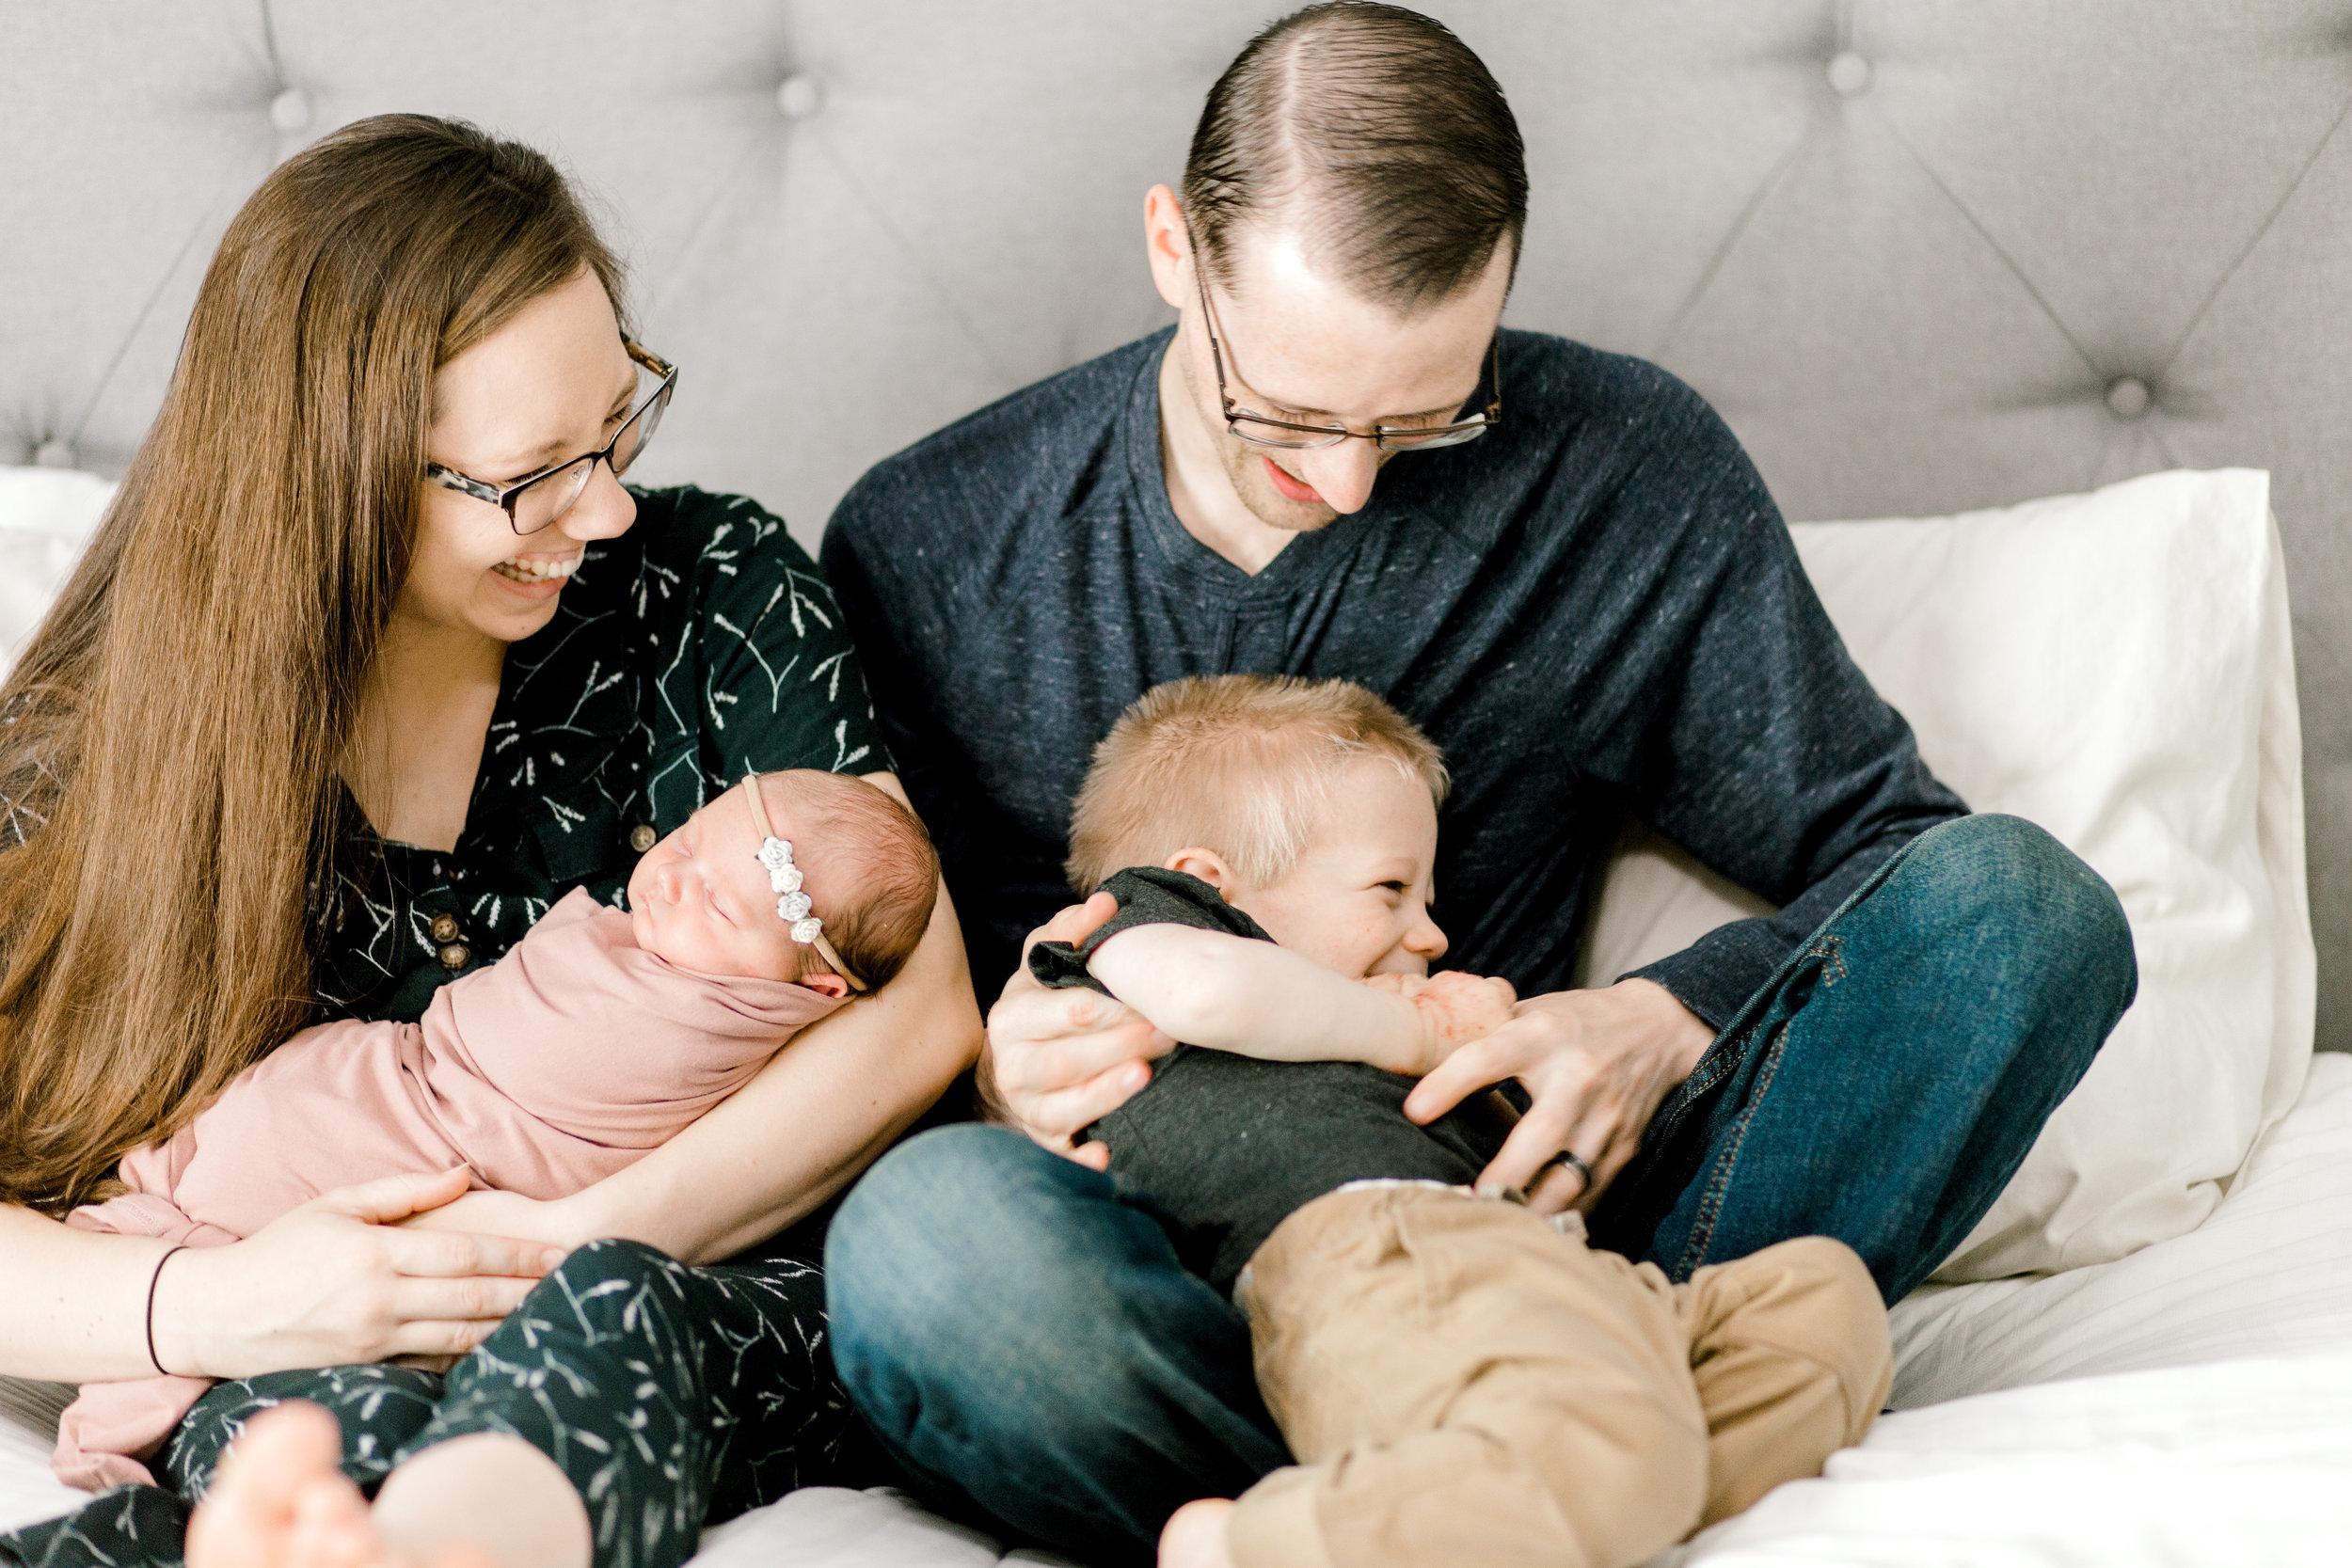 Newborn Session Edits (28).jpg